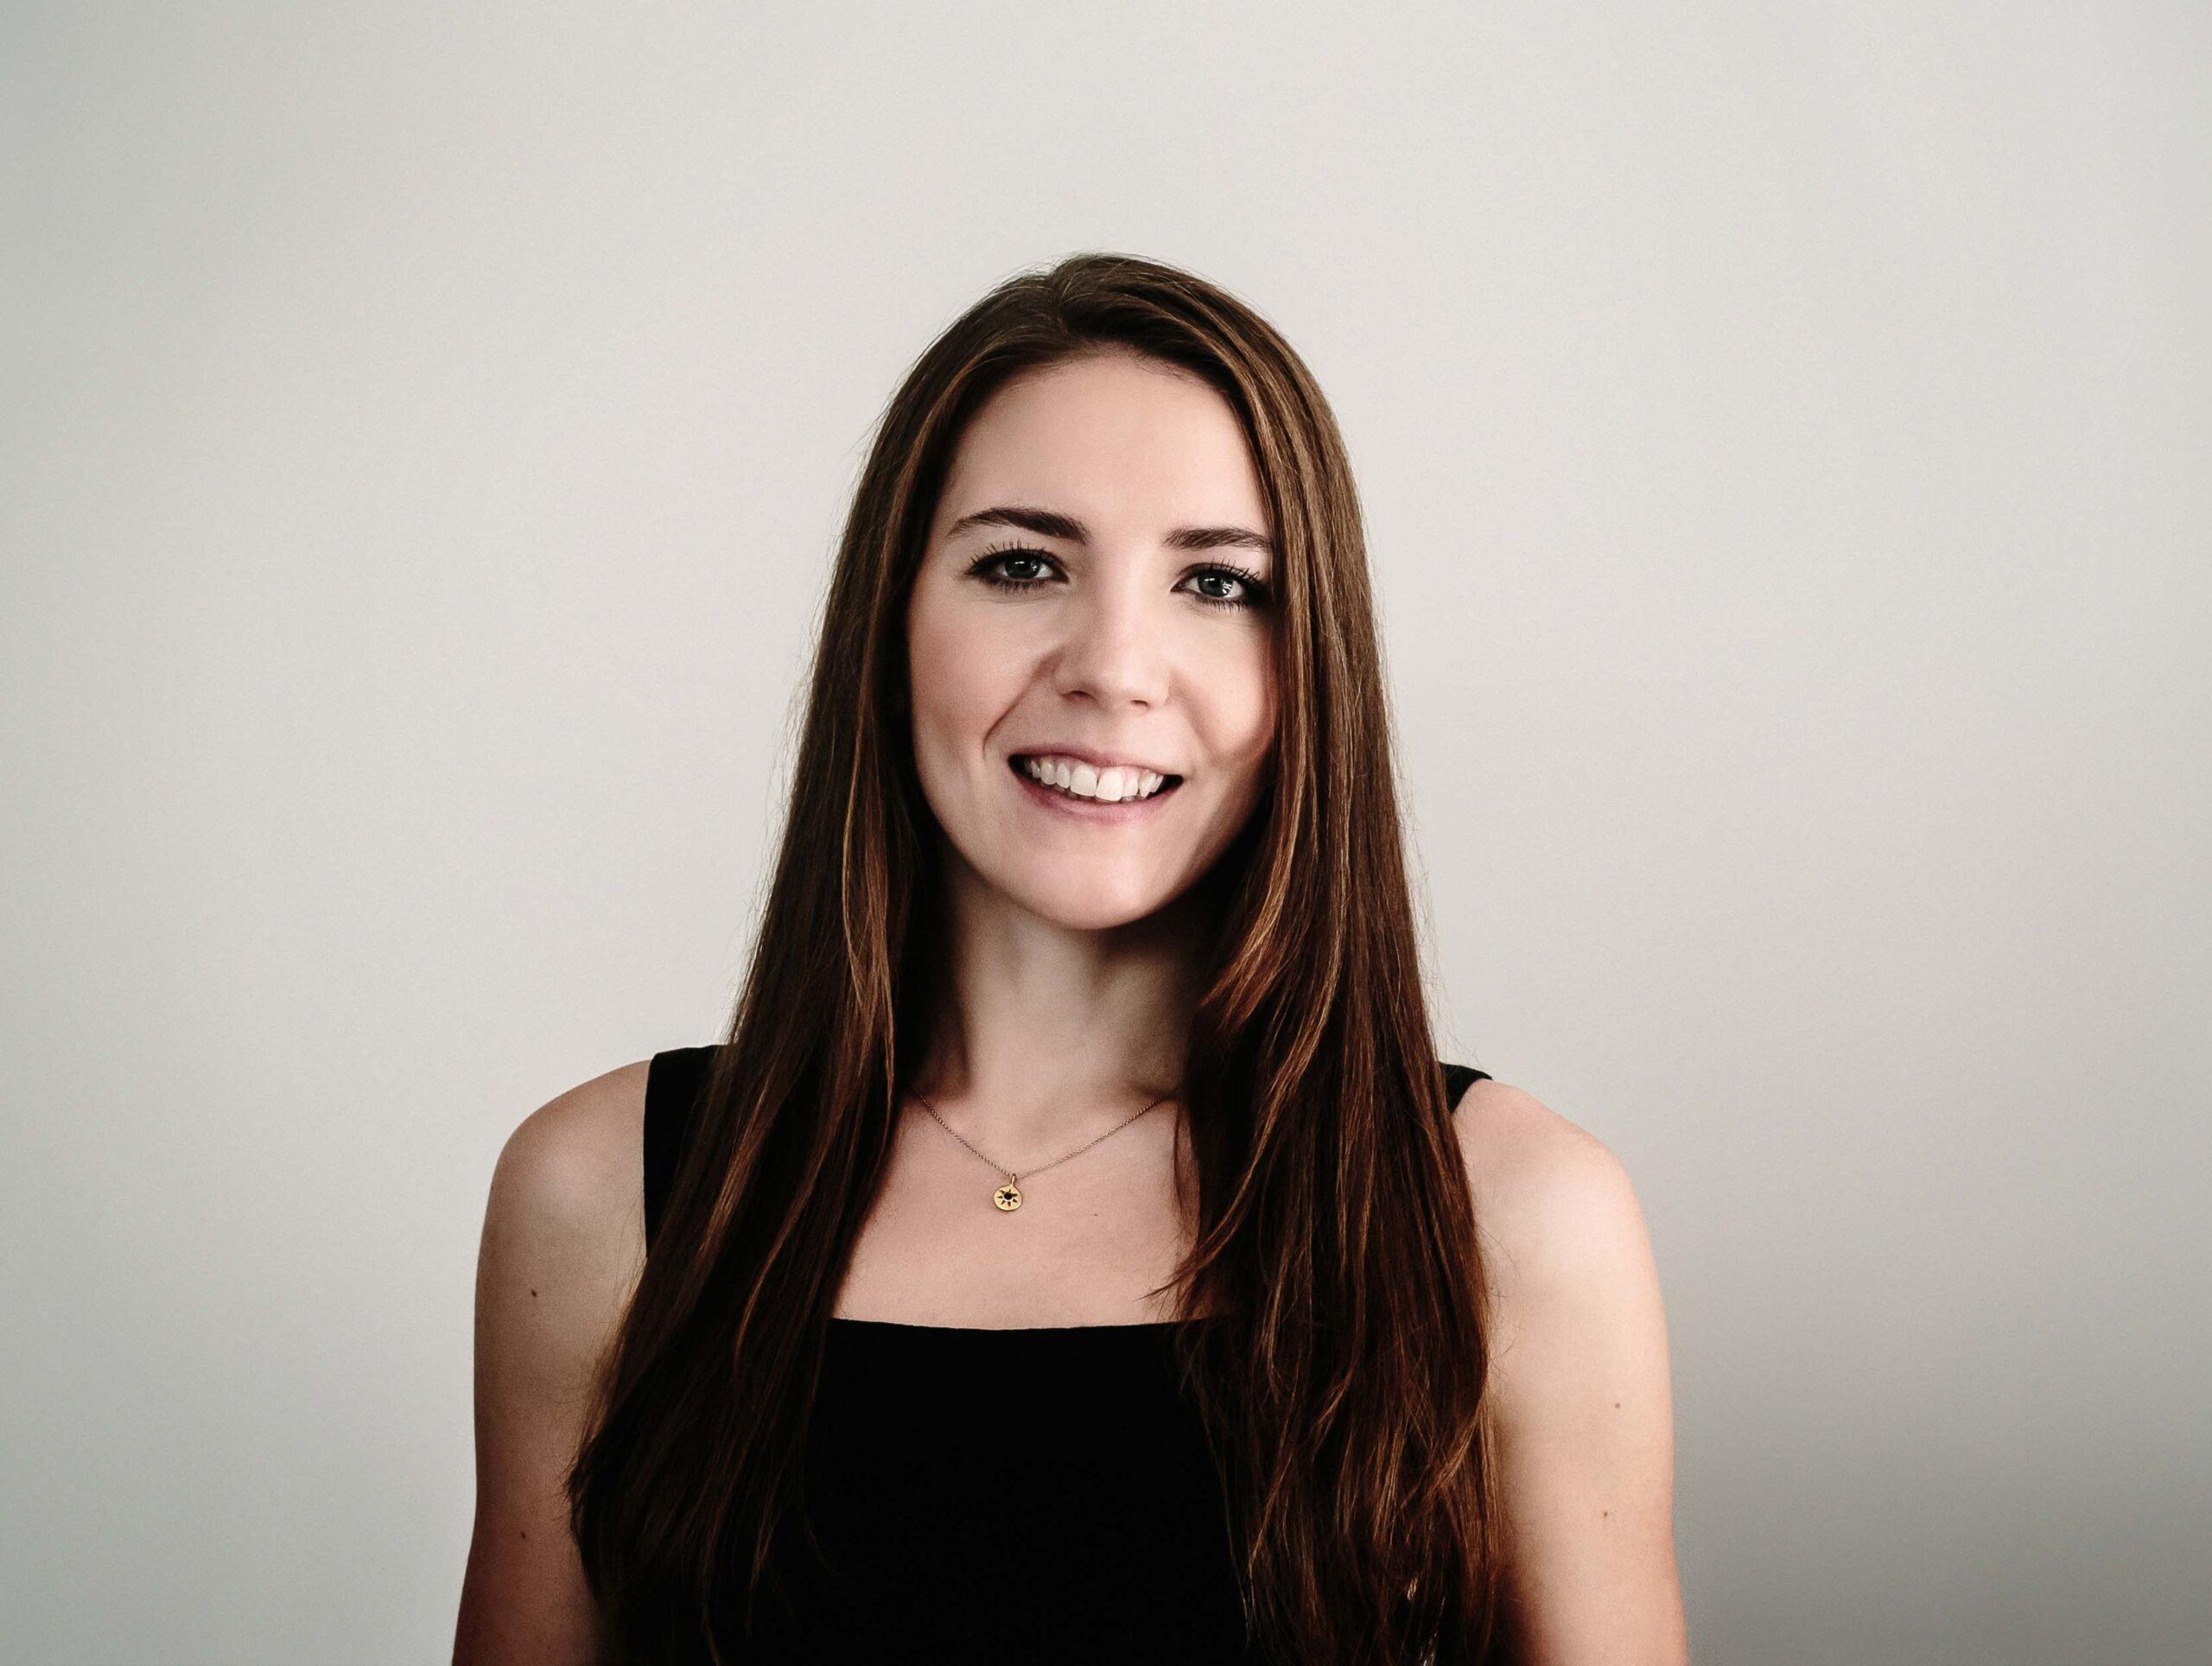 Annabel Sharratt